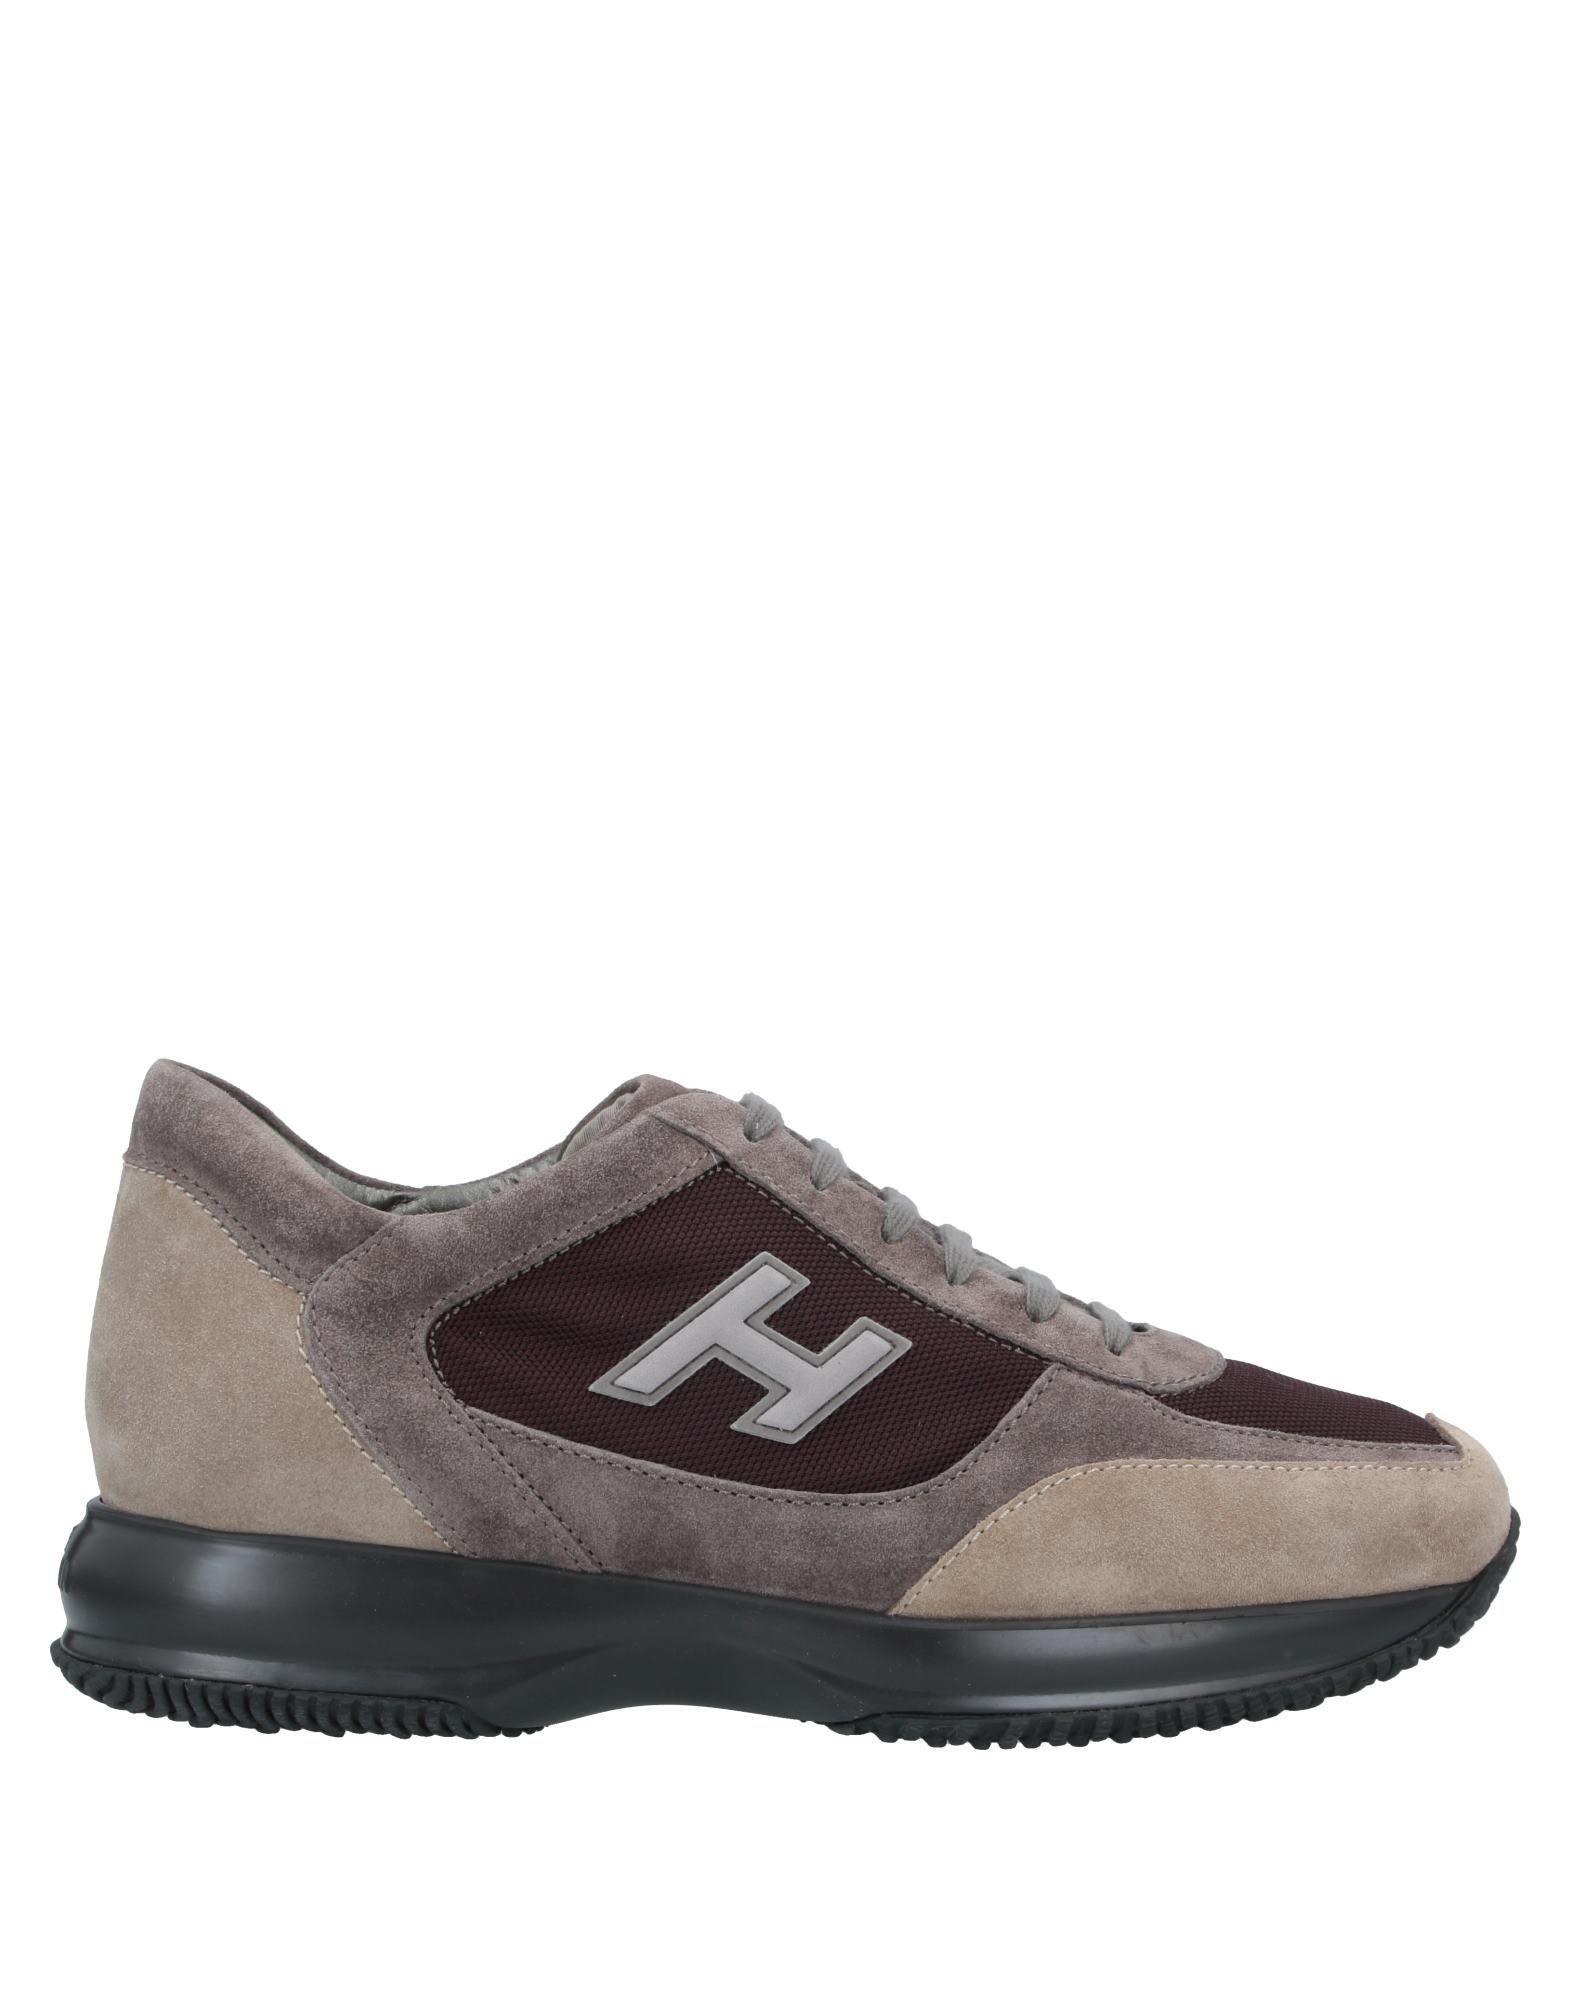 Turnscarpe Turnscarpe Hogan uomo - 11744476HF